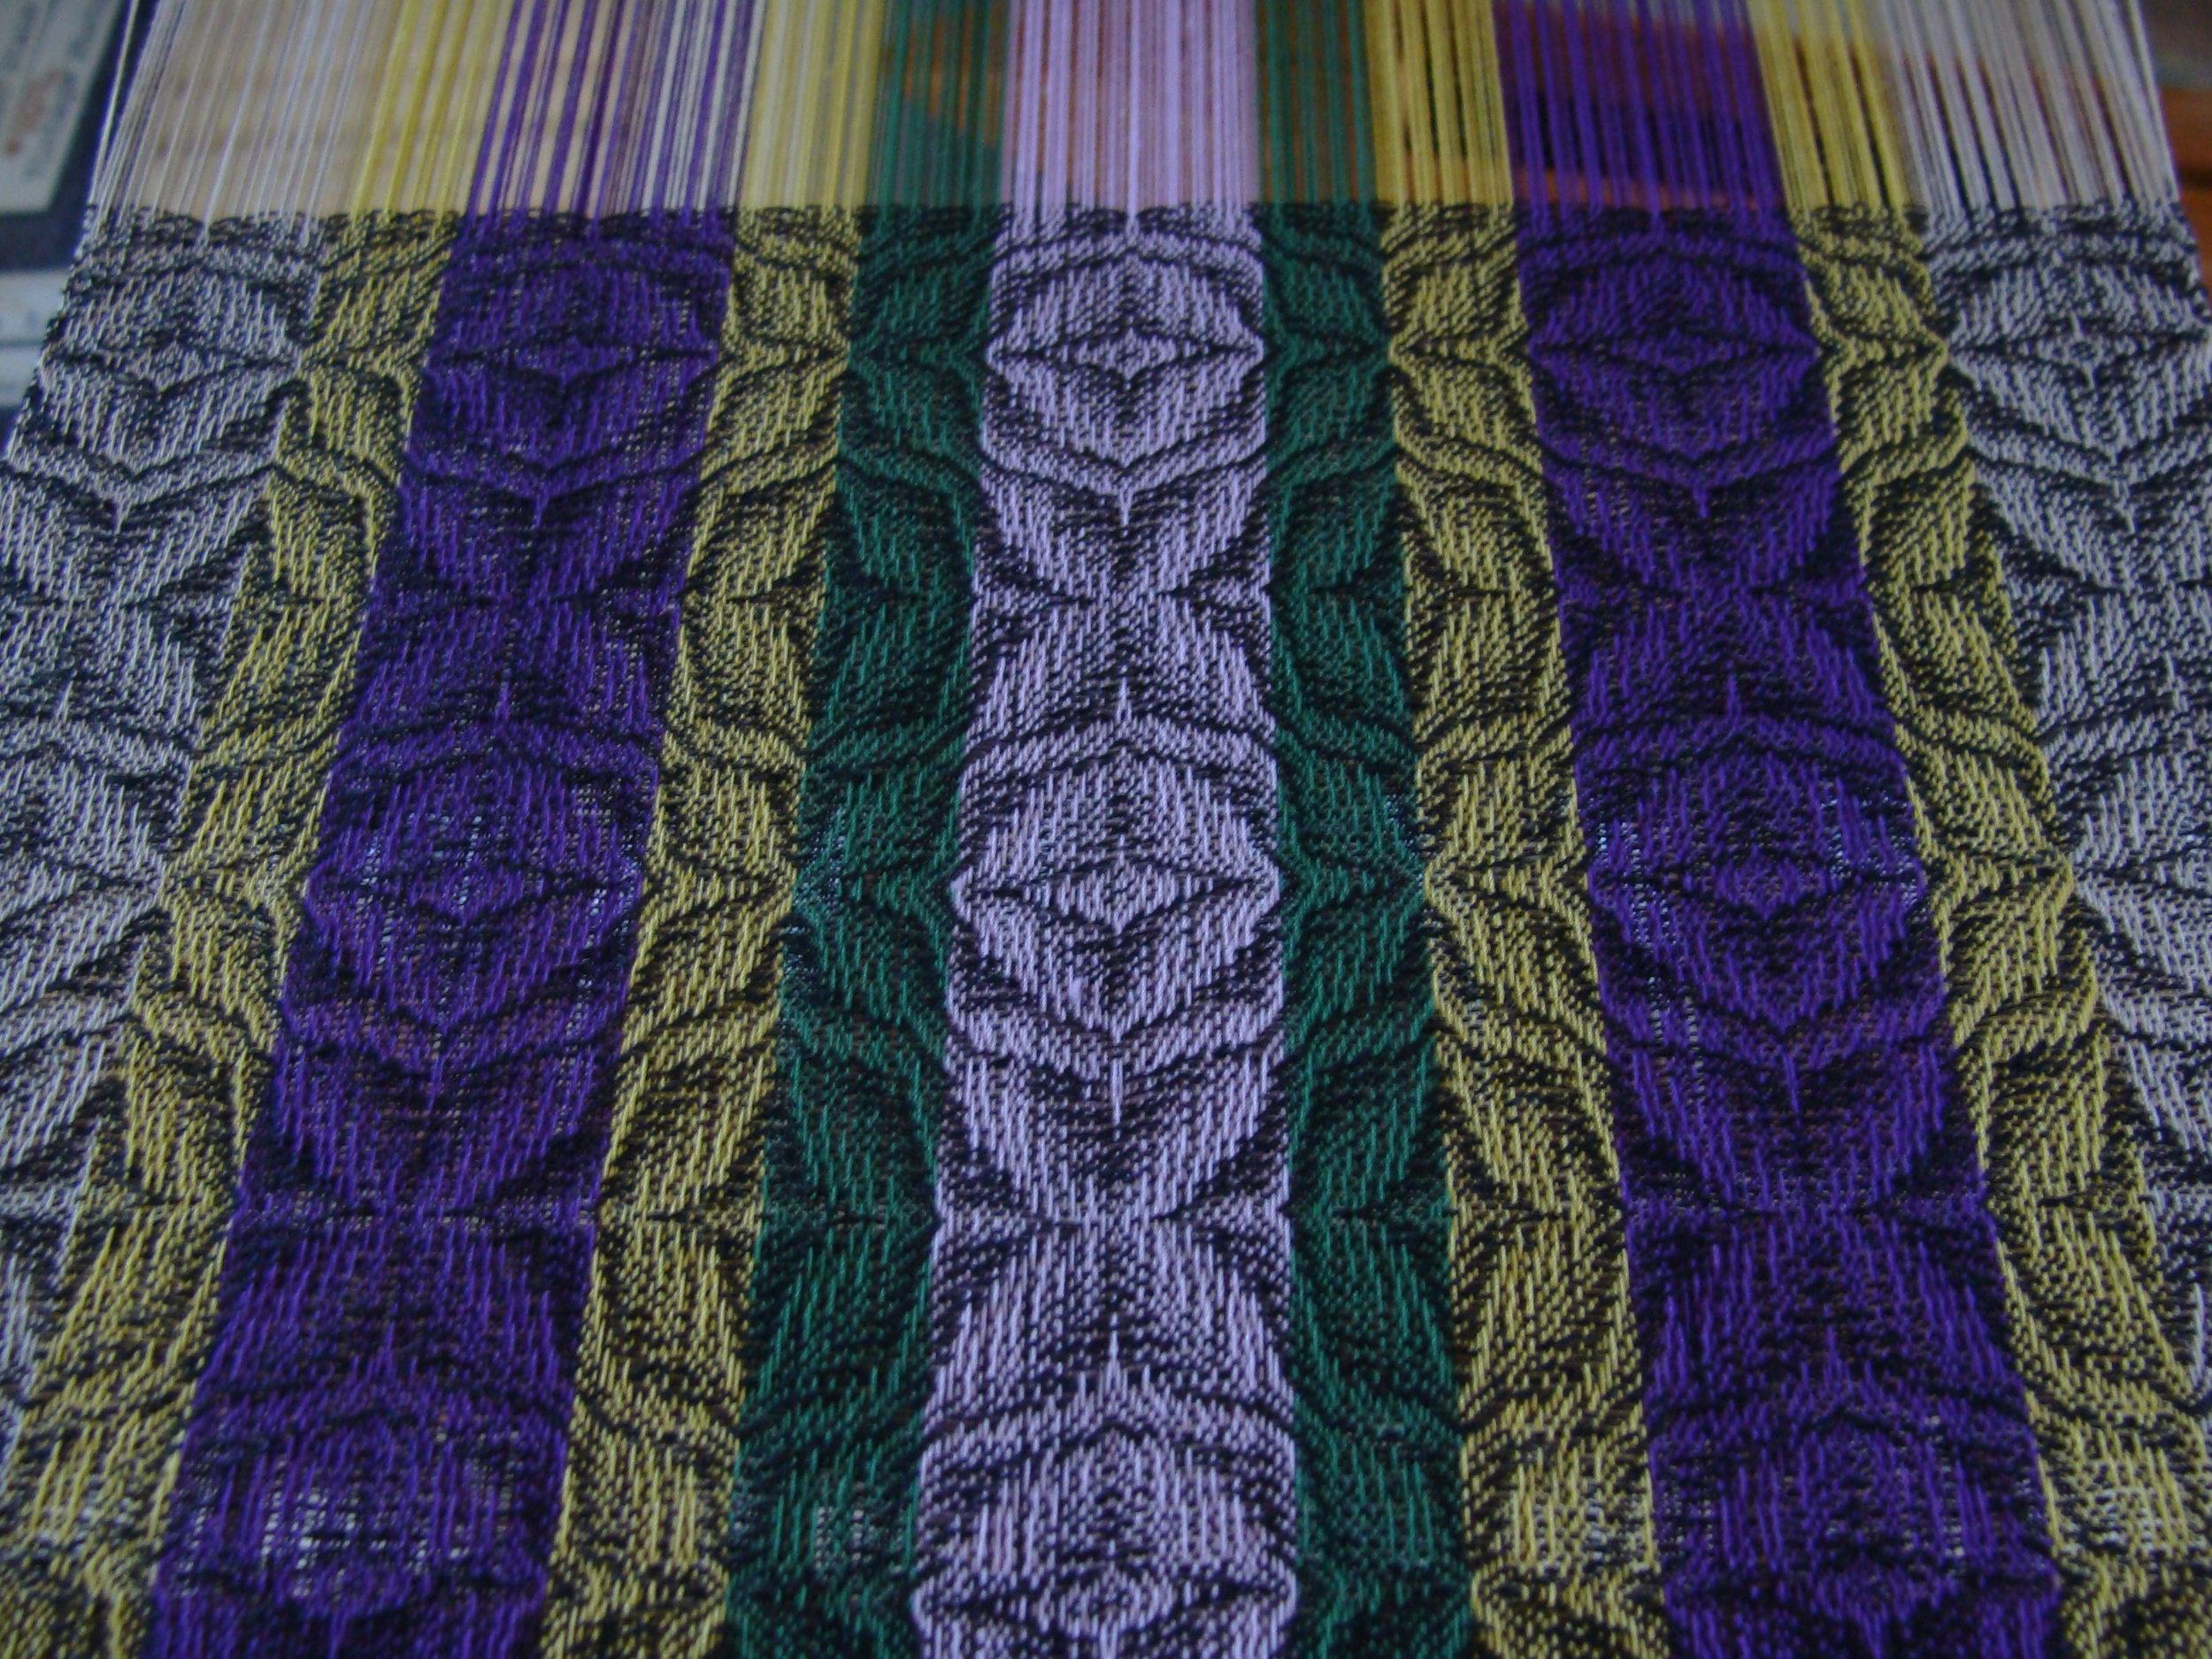 twill flowers scarf on loom weaving in progress